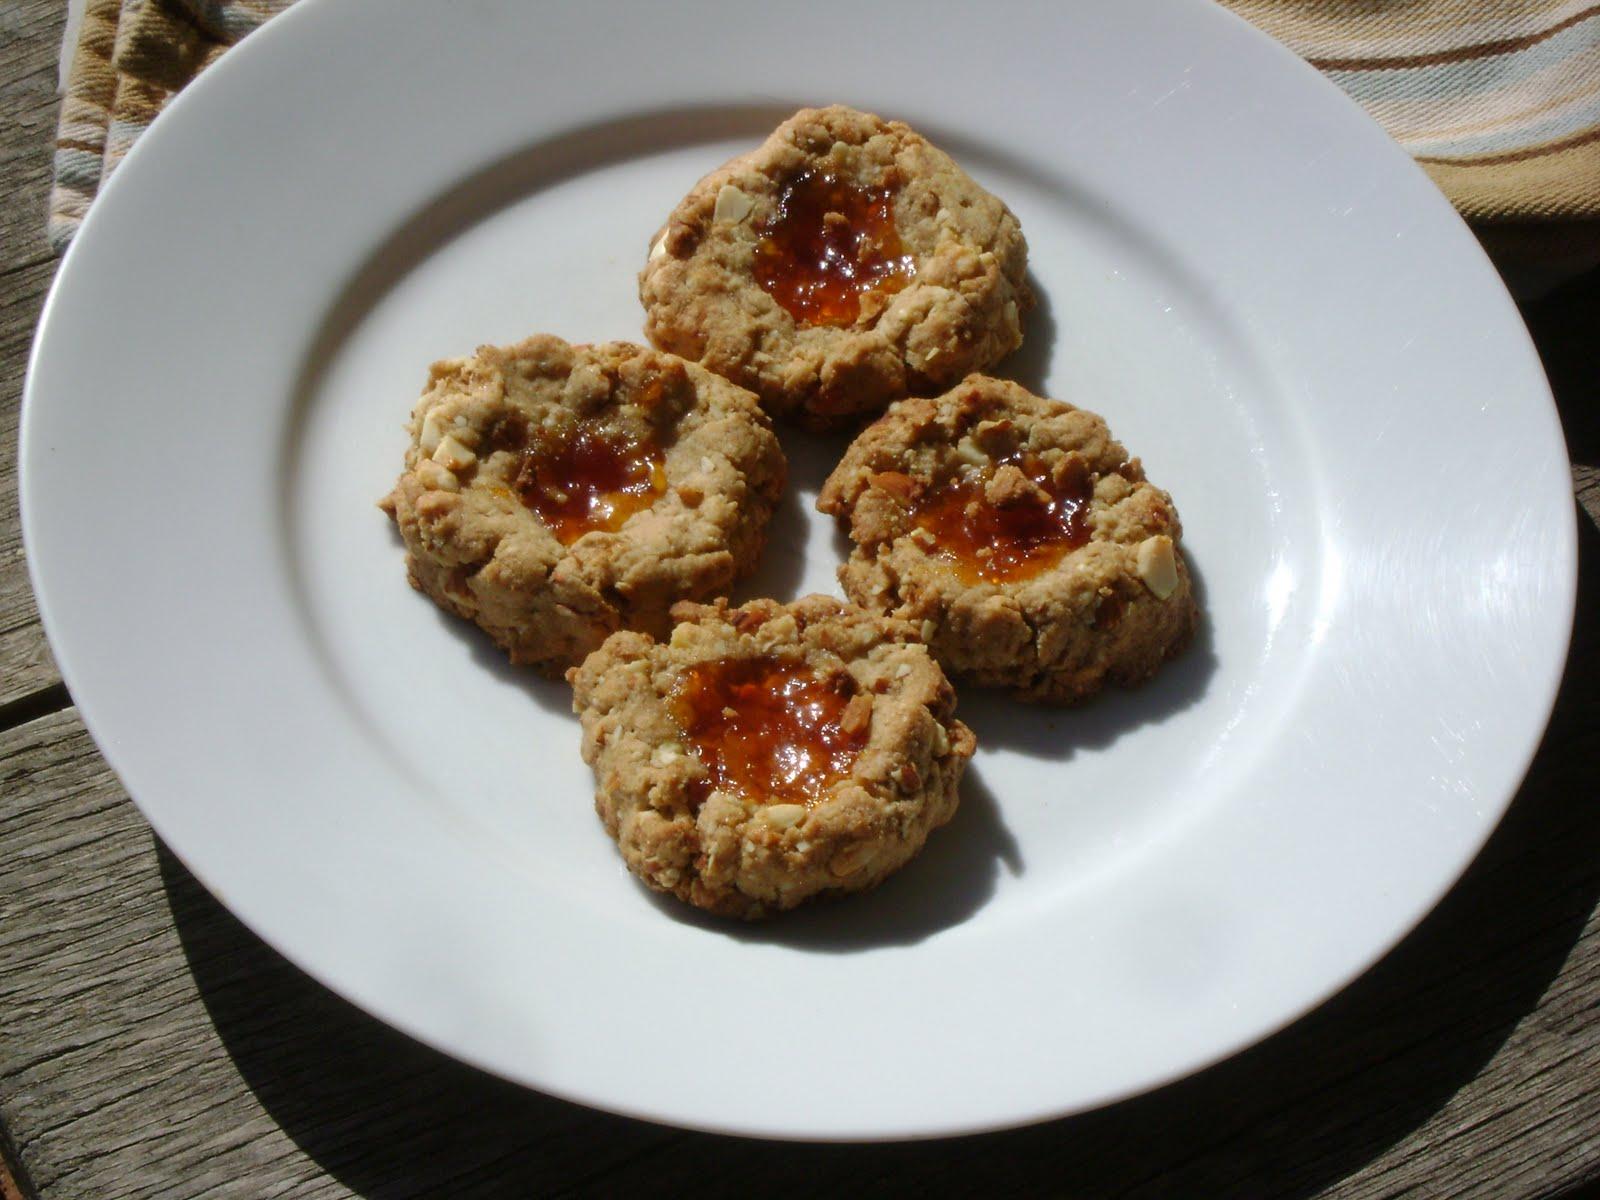 http://1.bp.blogspot.com/-pEcZBsFWelU/Td61IF5vwmI/AAAAAAAAALI/SRQbONMfVAY/s1600/paltrow+cookies.JPG